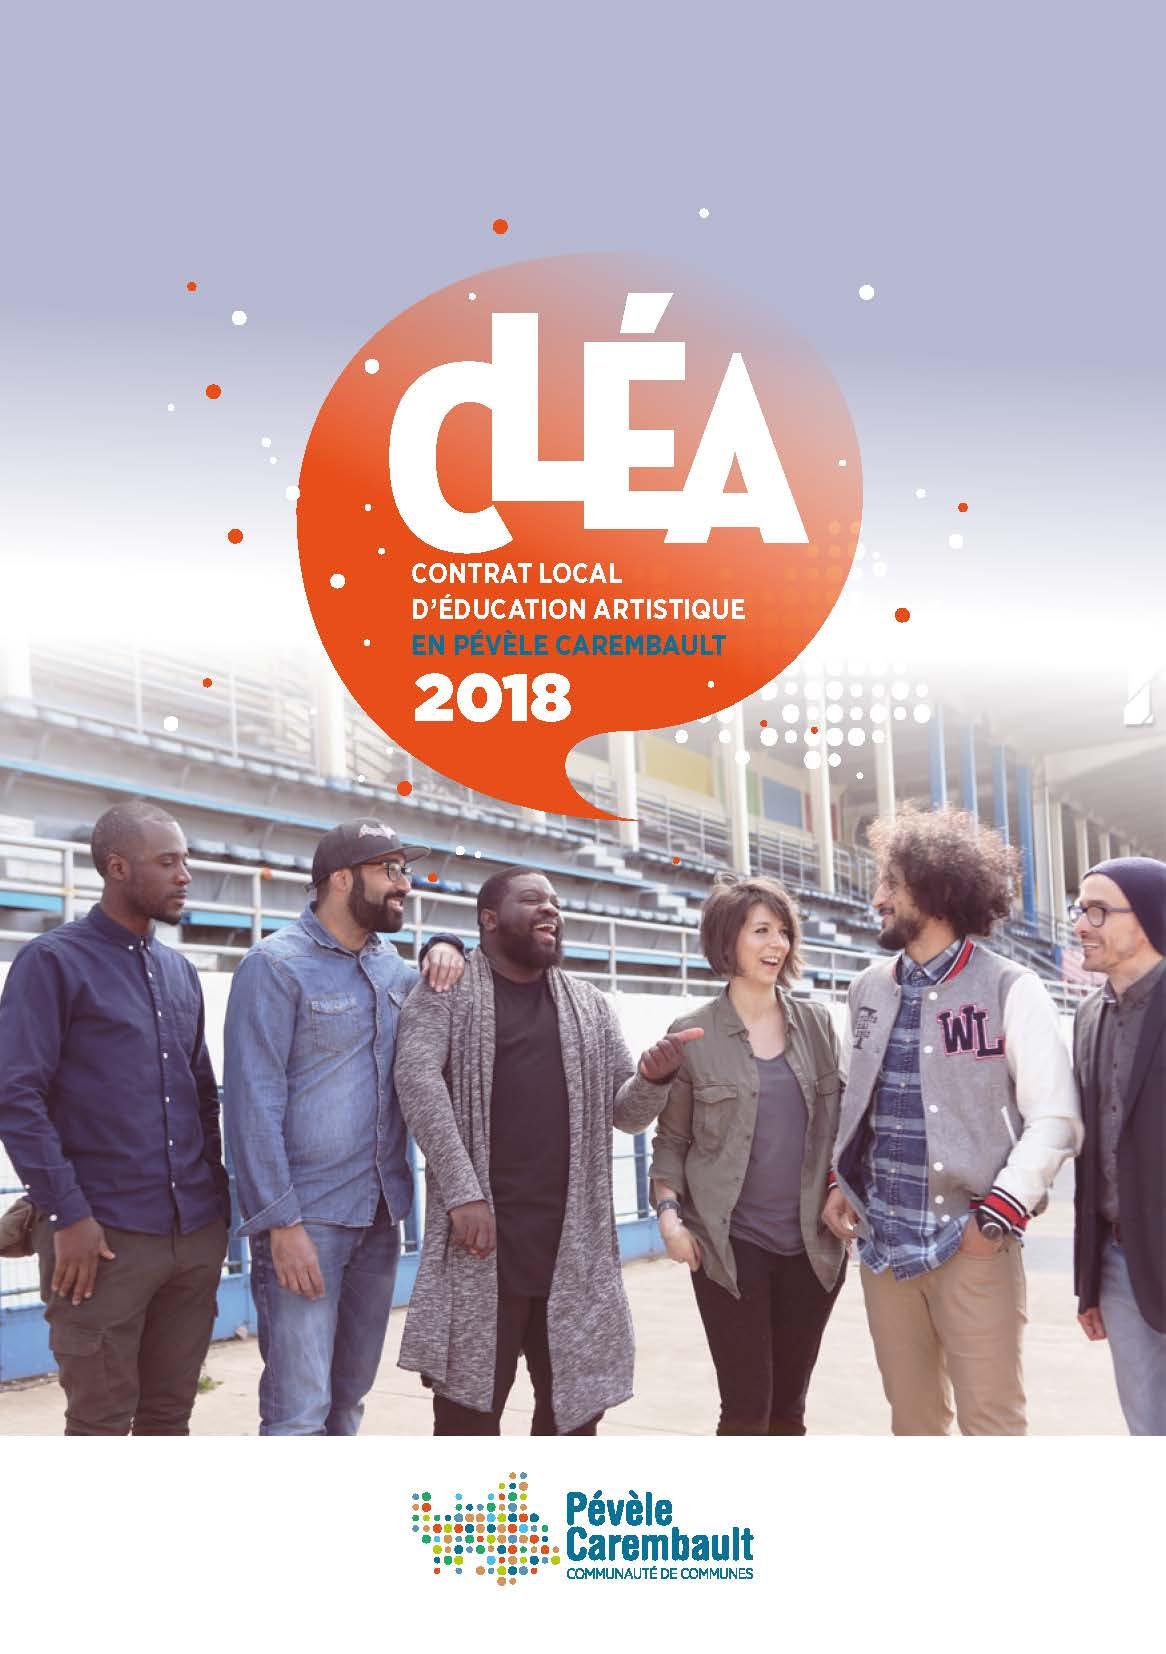 Pévèle Carembault brochure CLEA 2018_Page_1